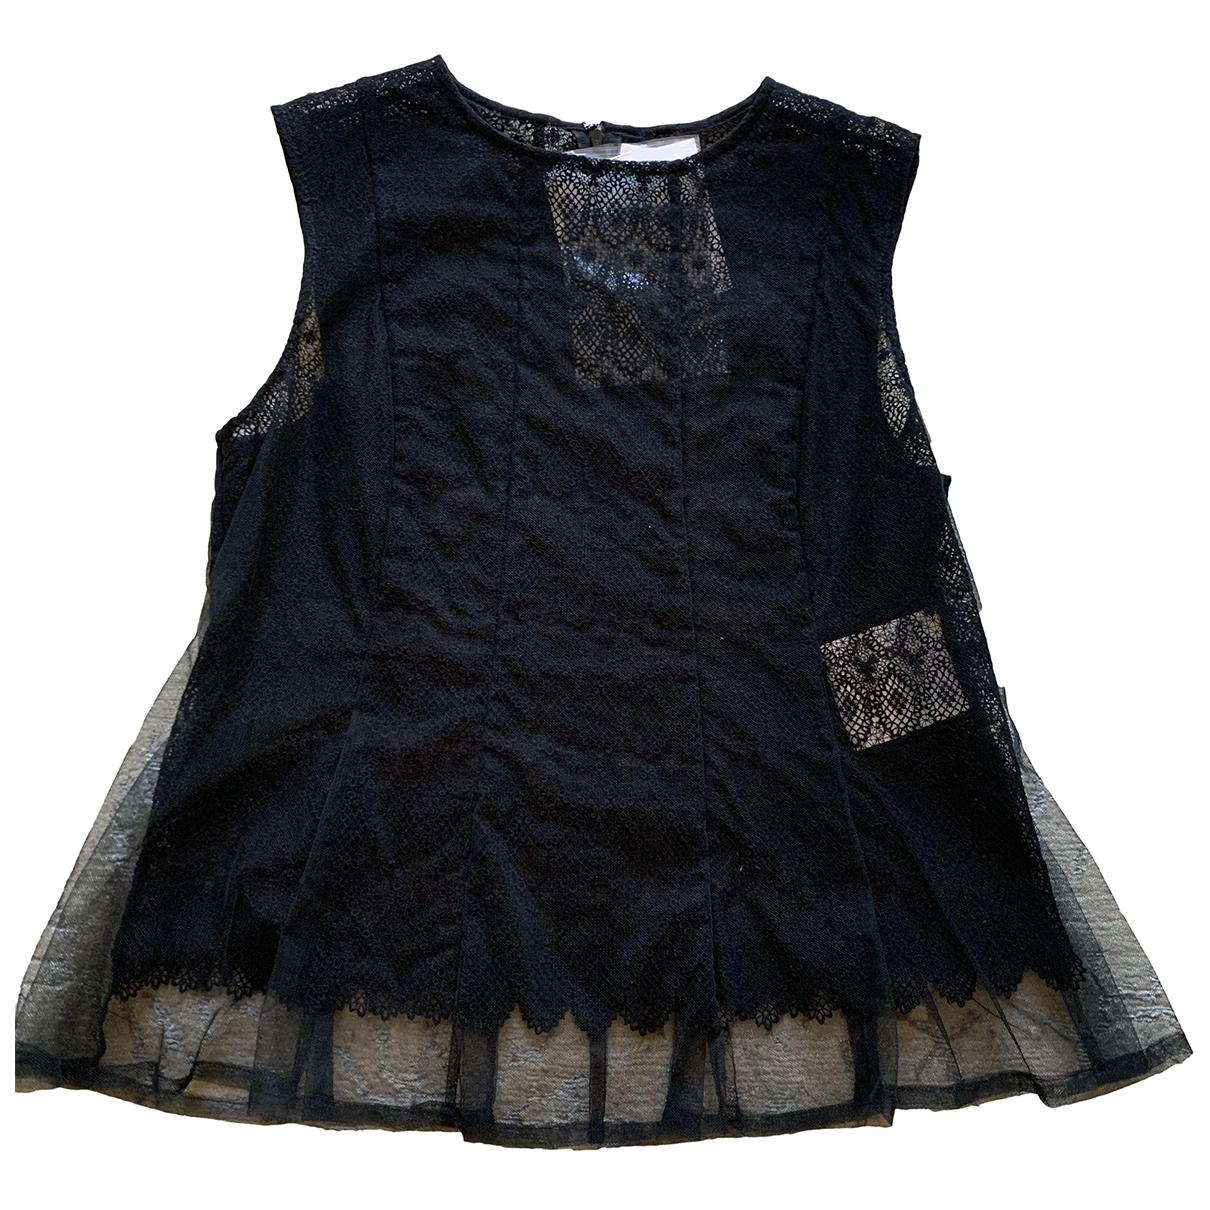 Noir Kei Ninomiya \N Top in  Schwarz Baumwolle